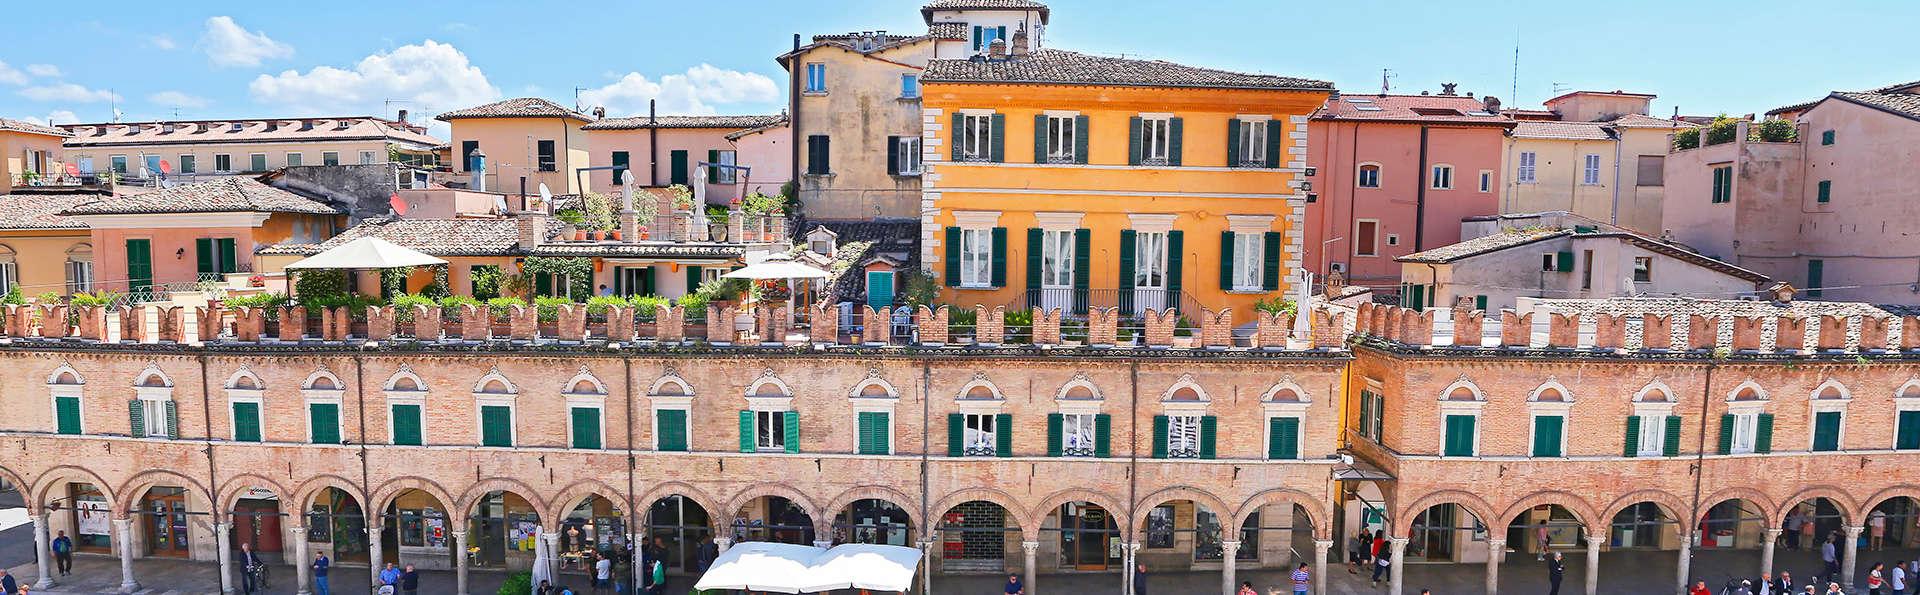 Hotel Villa Pigna - EDIT_destination1.jpg